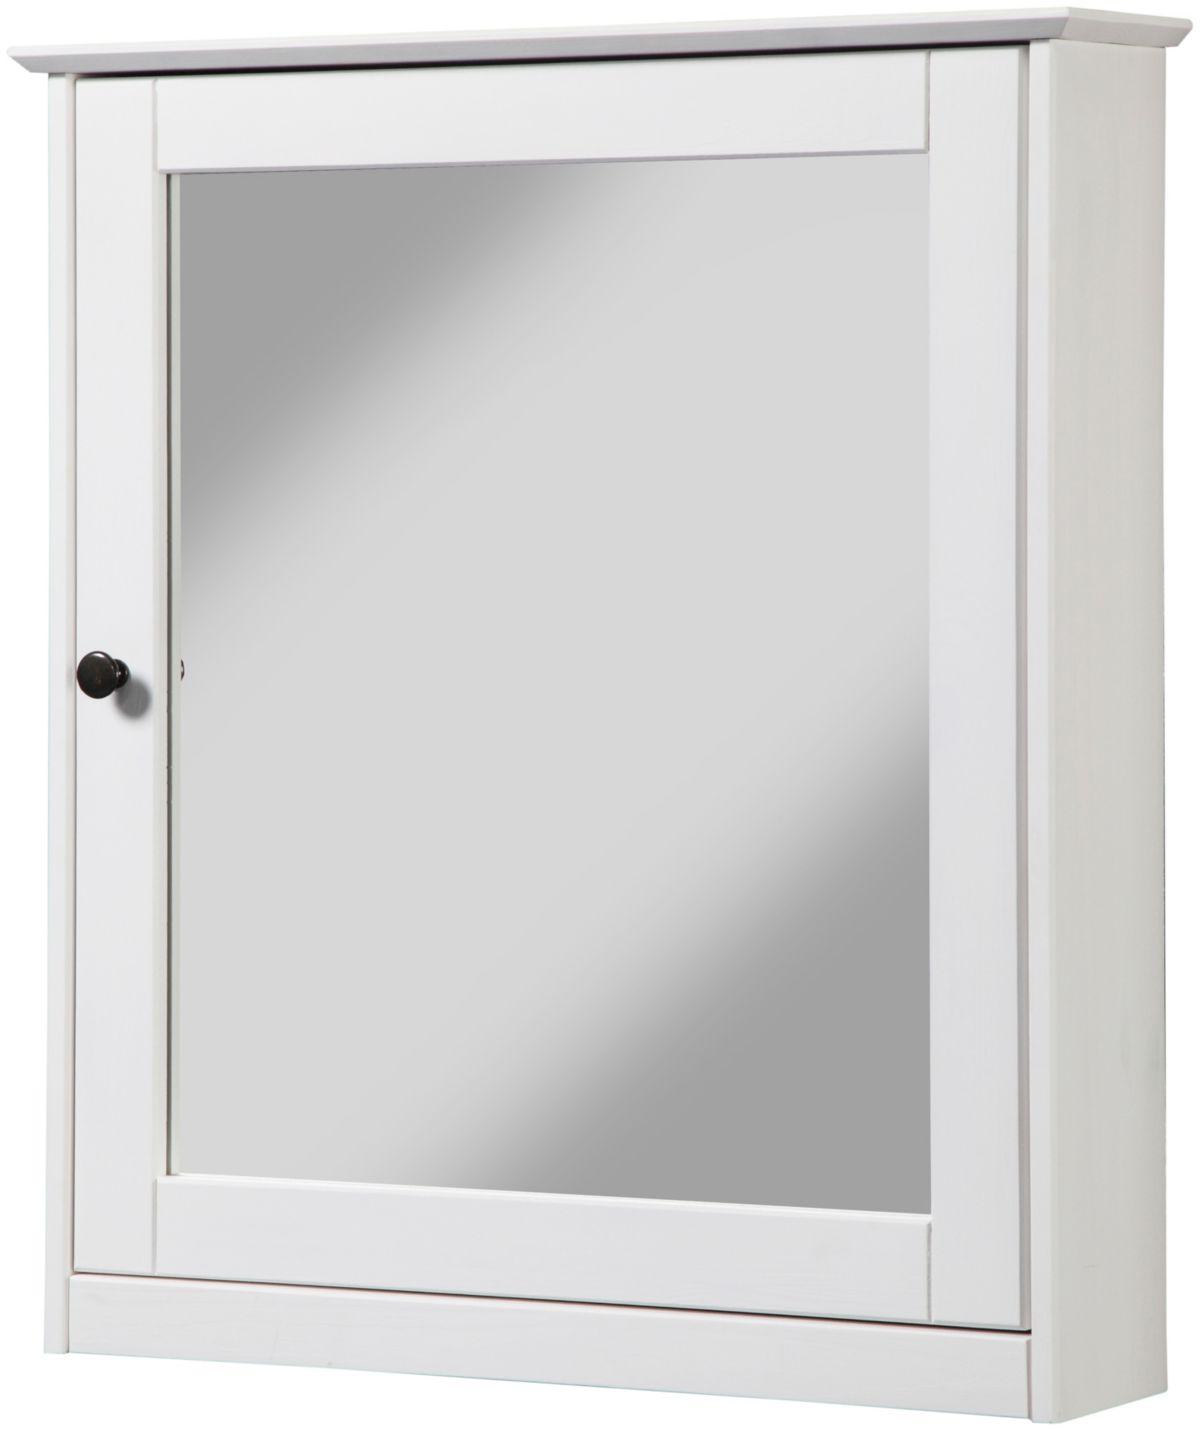 Spiegelschrank »Sylt/ Rügen/ Modern«, Breite 60 cm